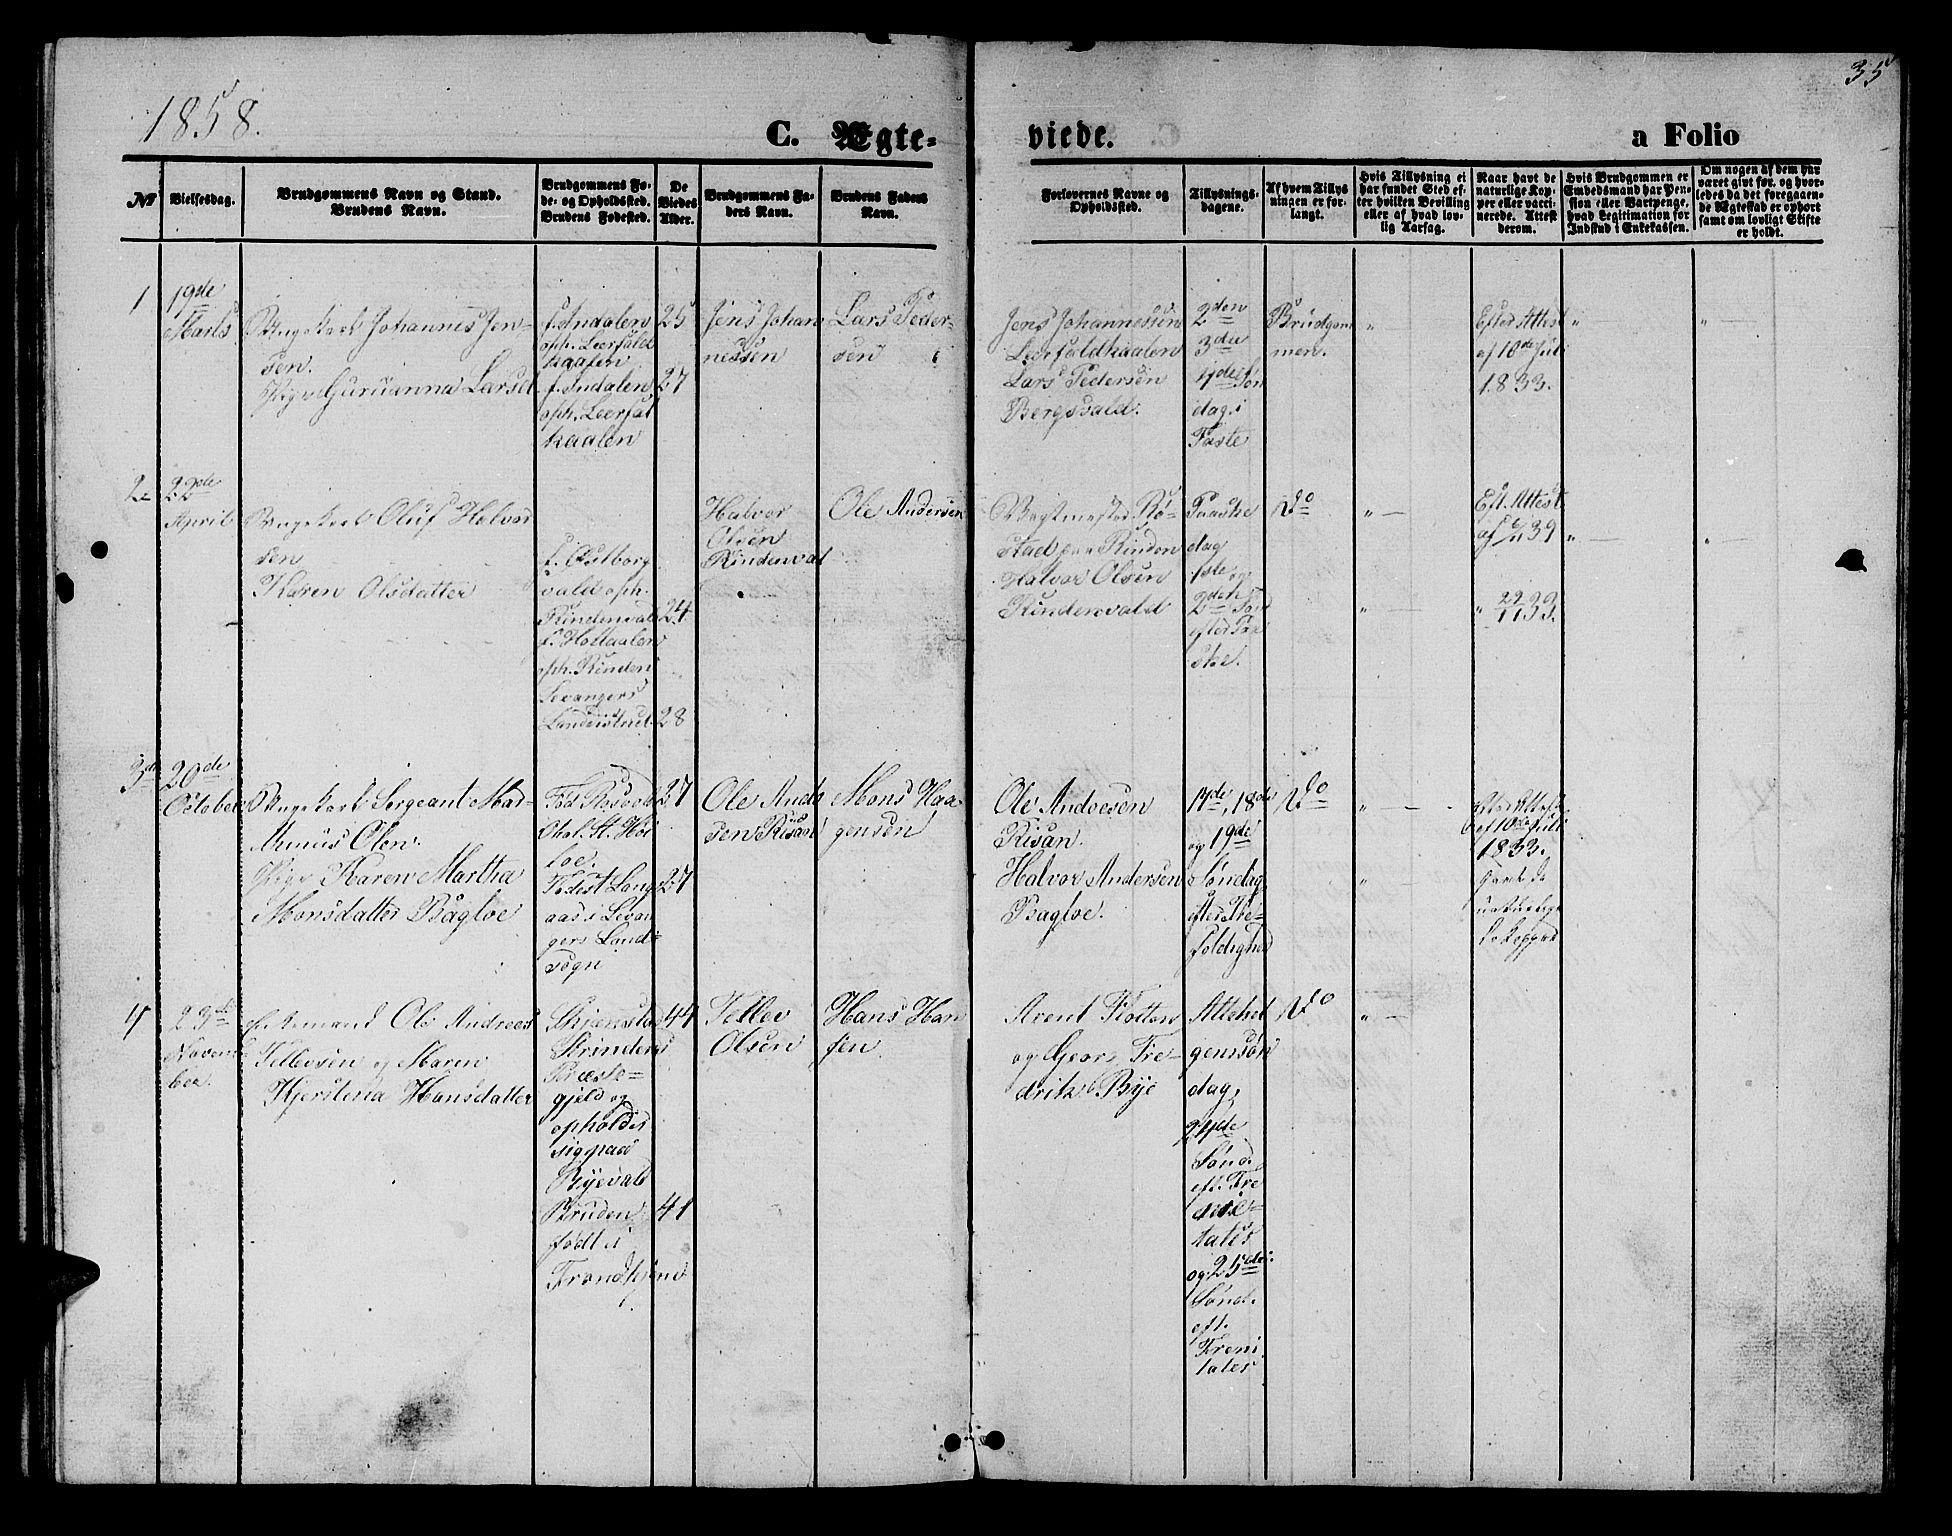 SAT, Ministerialprotokoller, klokkerbøker og fødselsregistre - Nord-Trøndelag, 726/L0270: Klokkerbok nr. 726C01, 1858-1868, s. 35